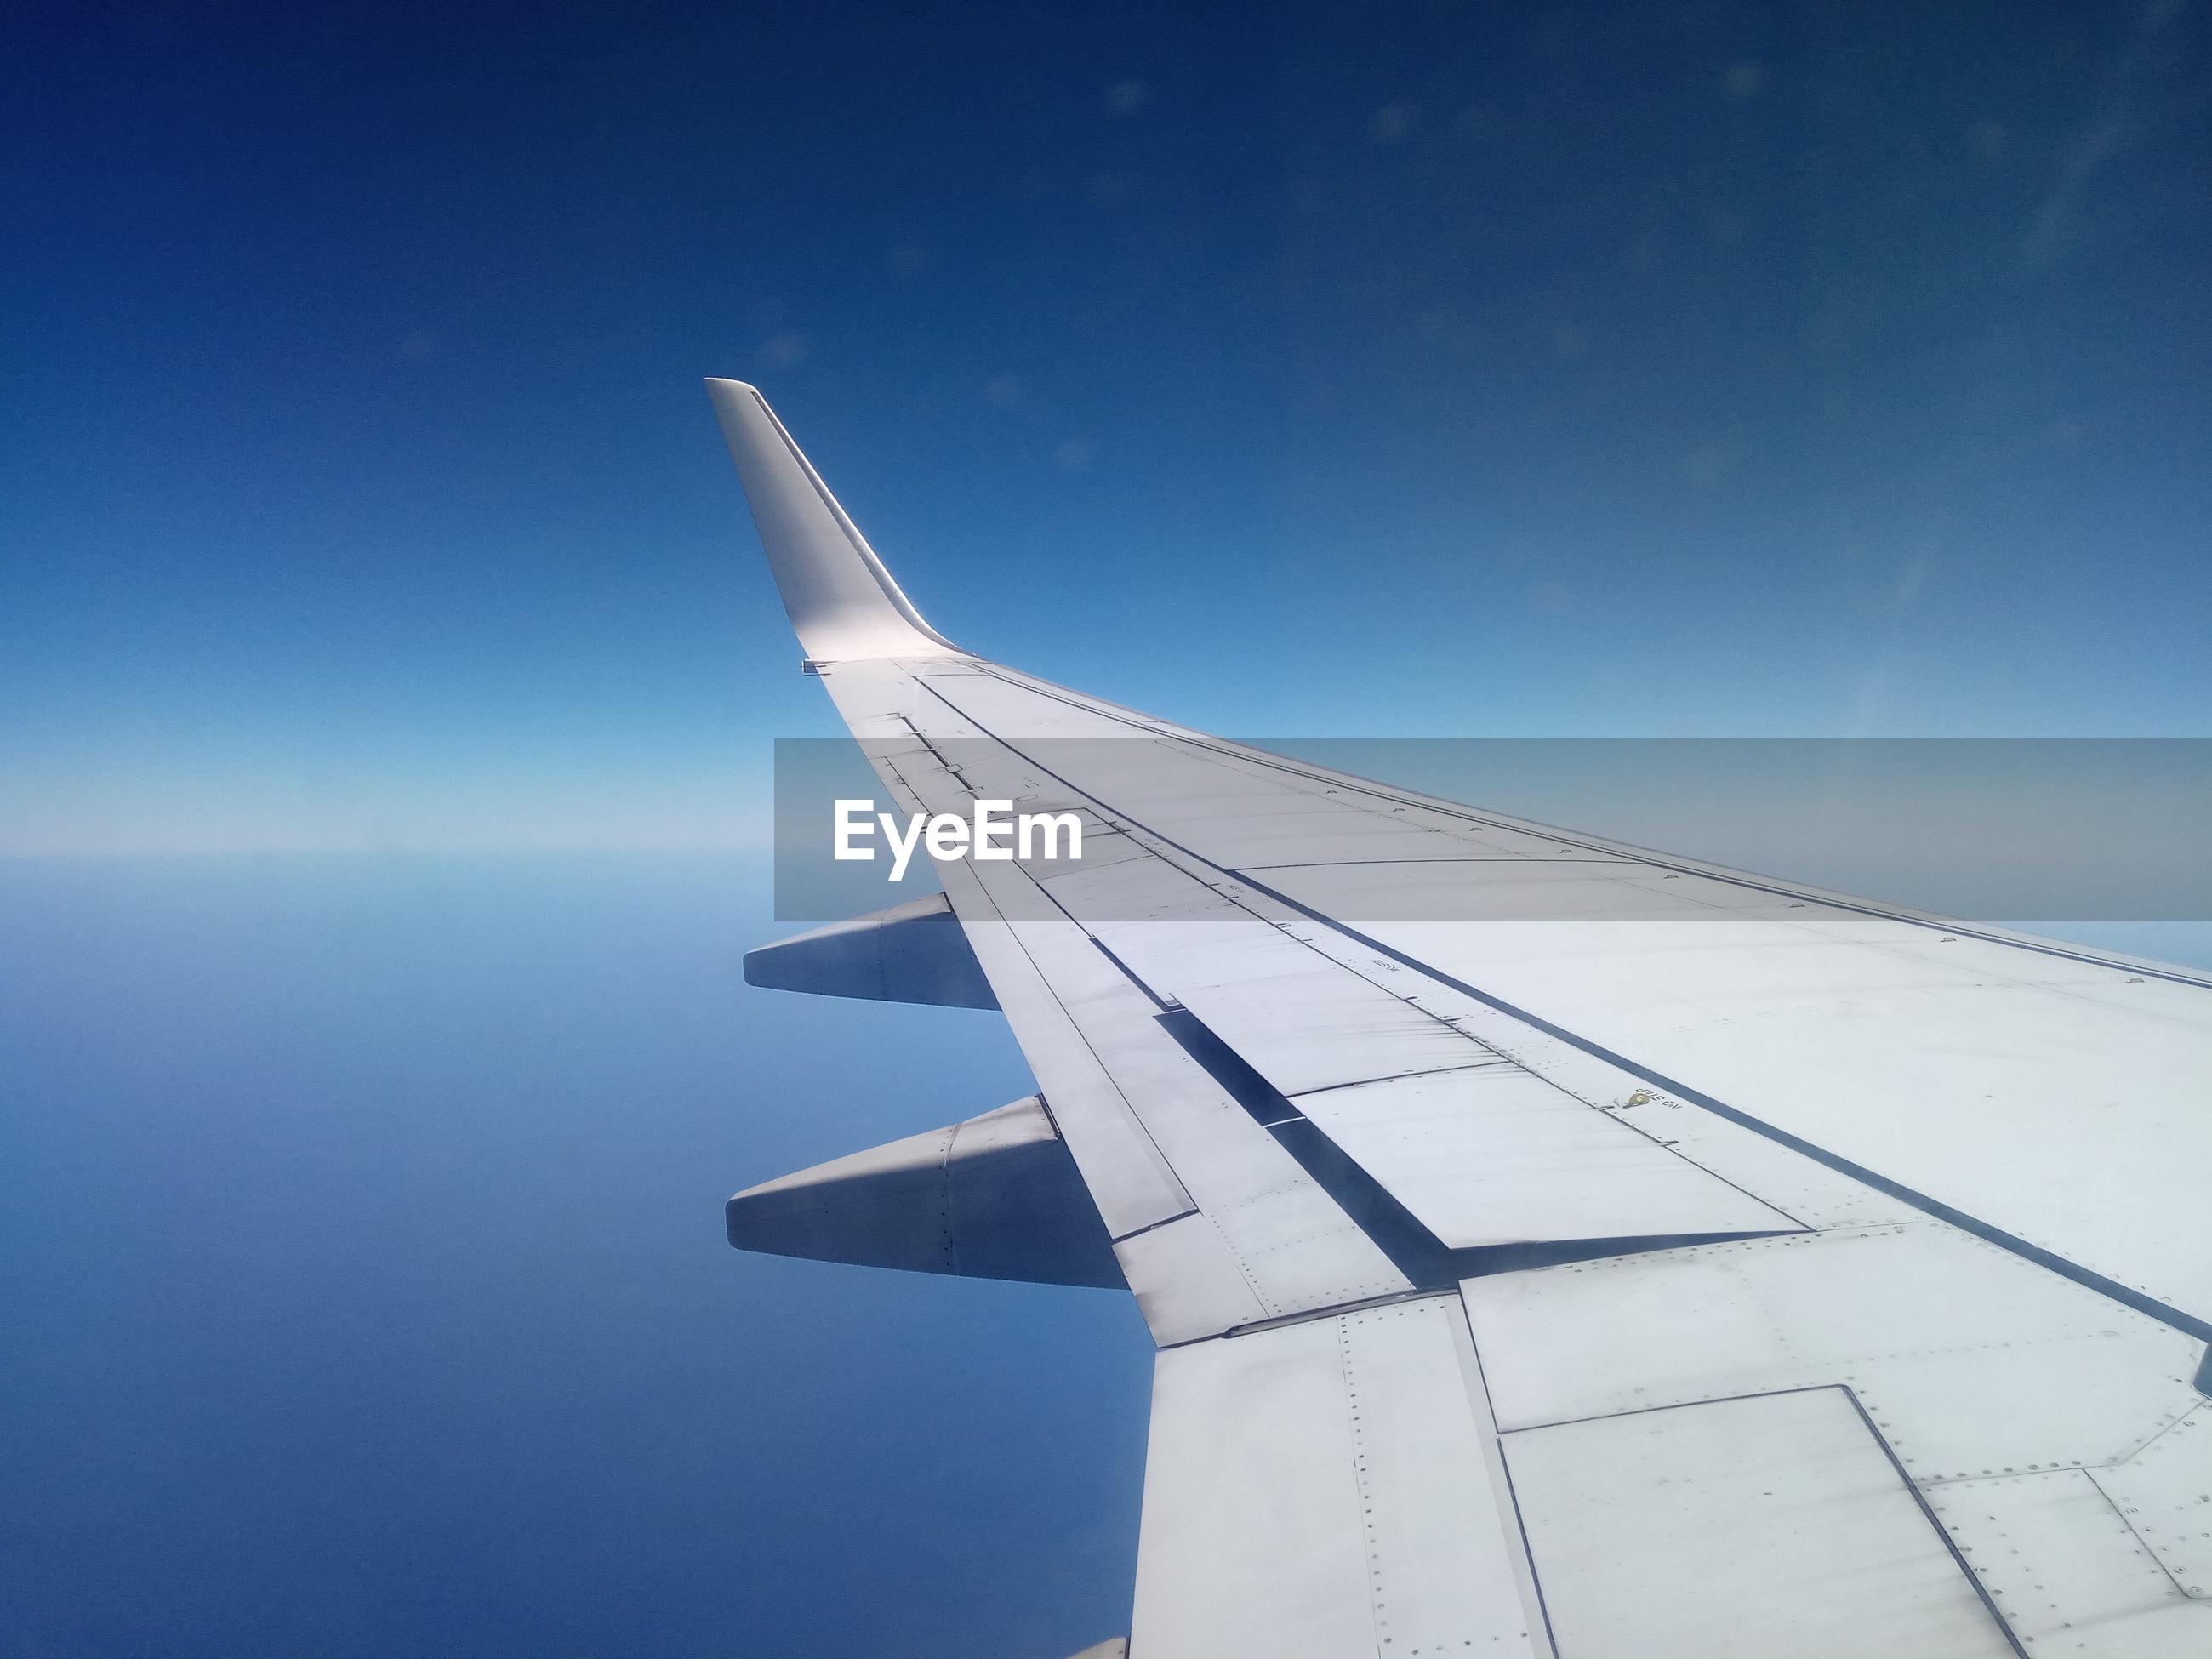 Airplane wings flying in blue sky